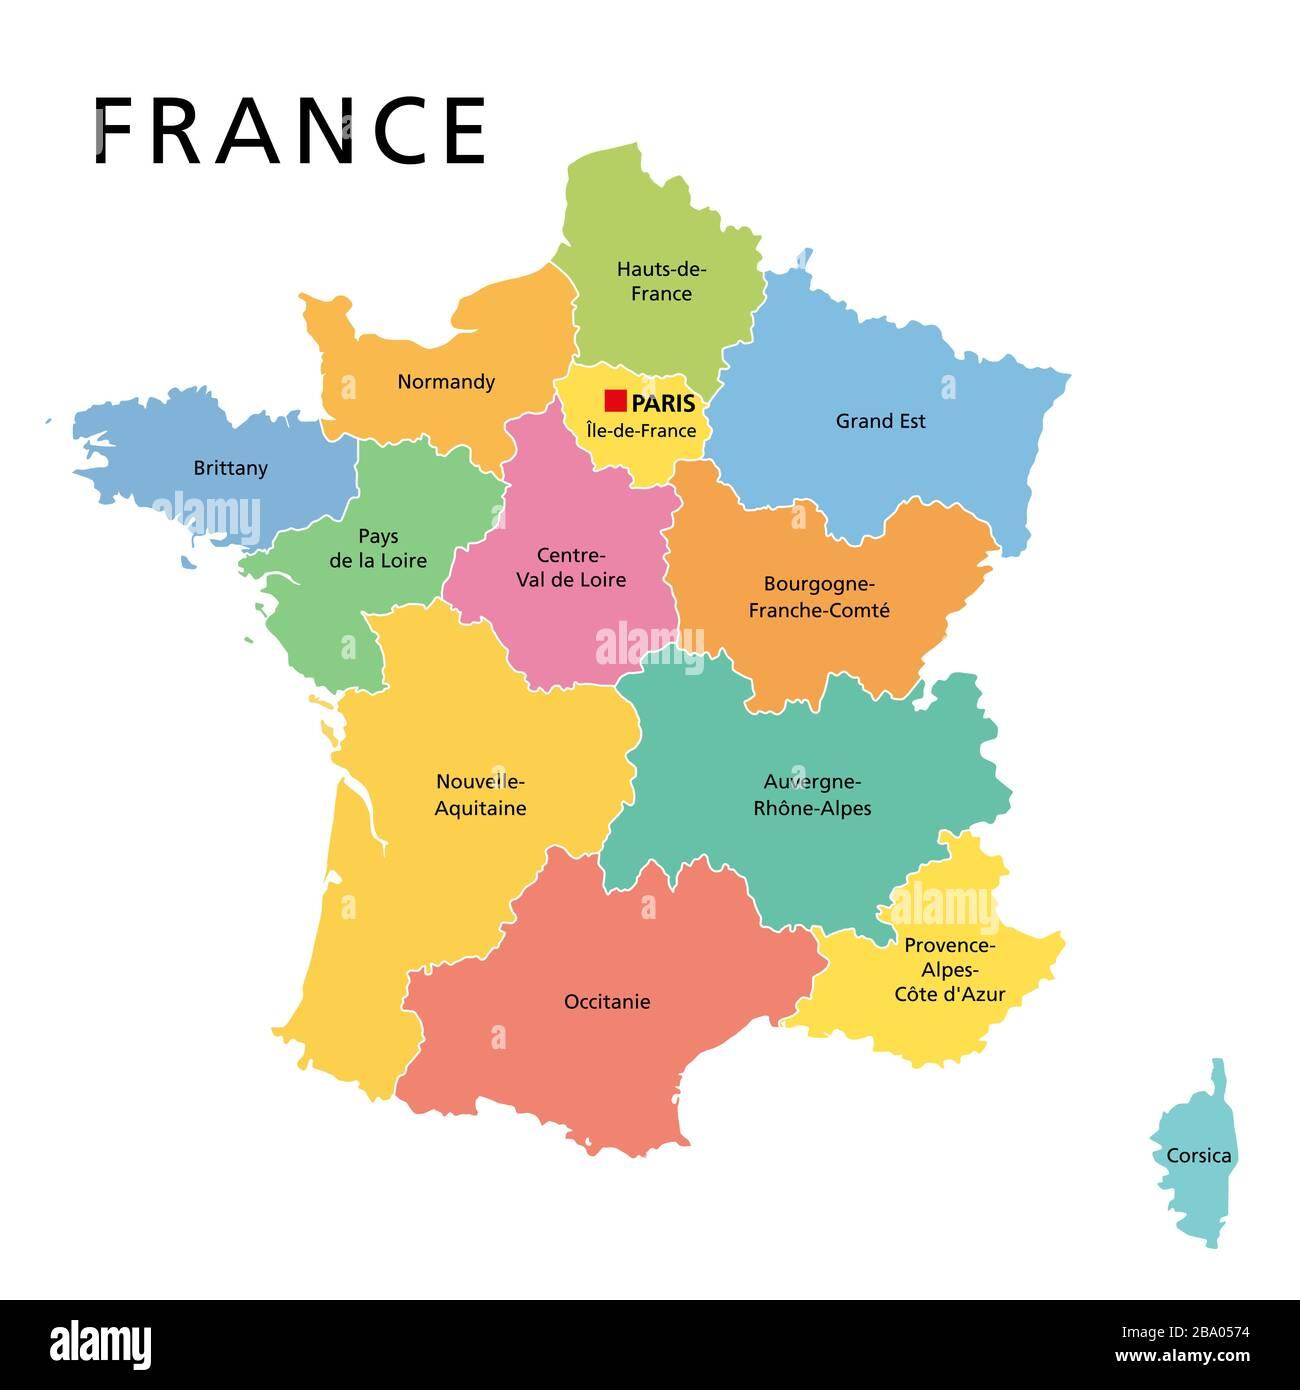 Cartina Politica Di Parigi.Francia Mappa Politica Regioni Della Francia Metropolitana Repubblica Francese Con Capitale Parigi E 13 Regioni Amministrative Sul Continente Europeo Foto Stock Alamy